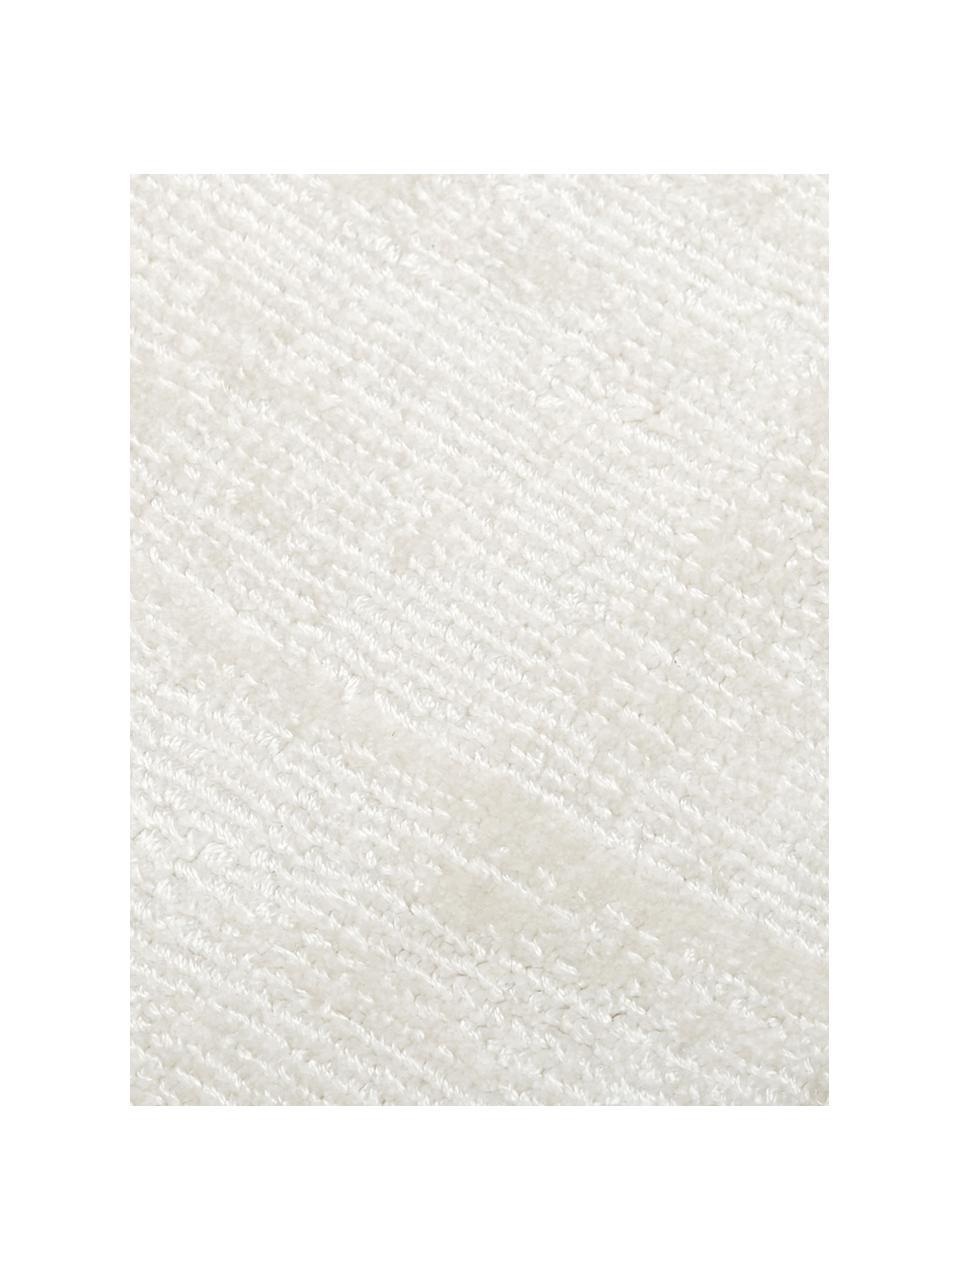 Tapis rond en viscose tissé à la main blanc ivoire Jane, Blanc ivoire